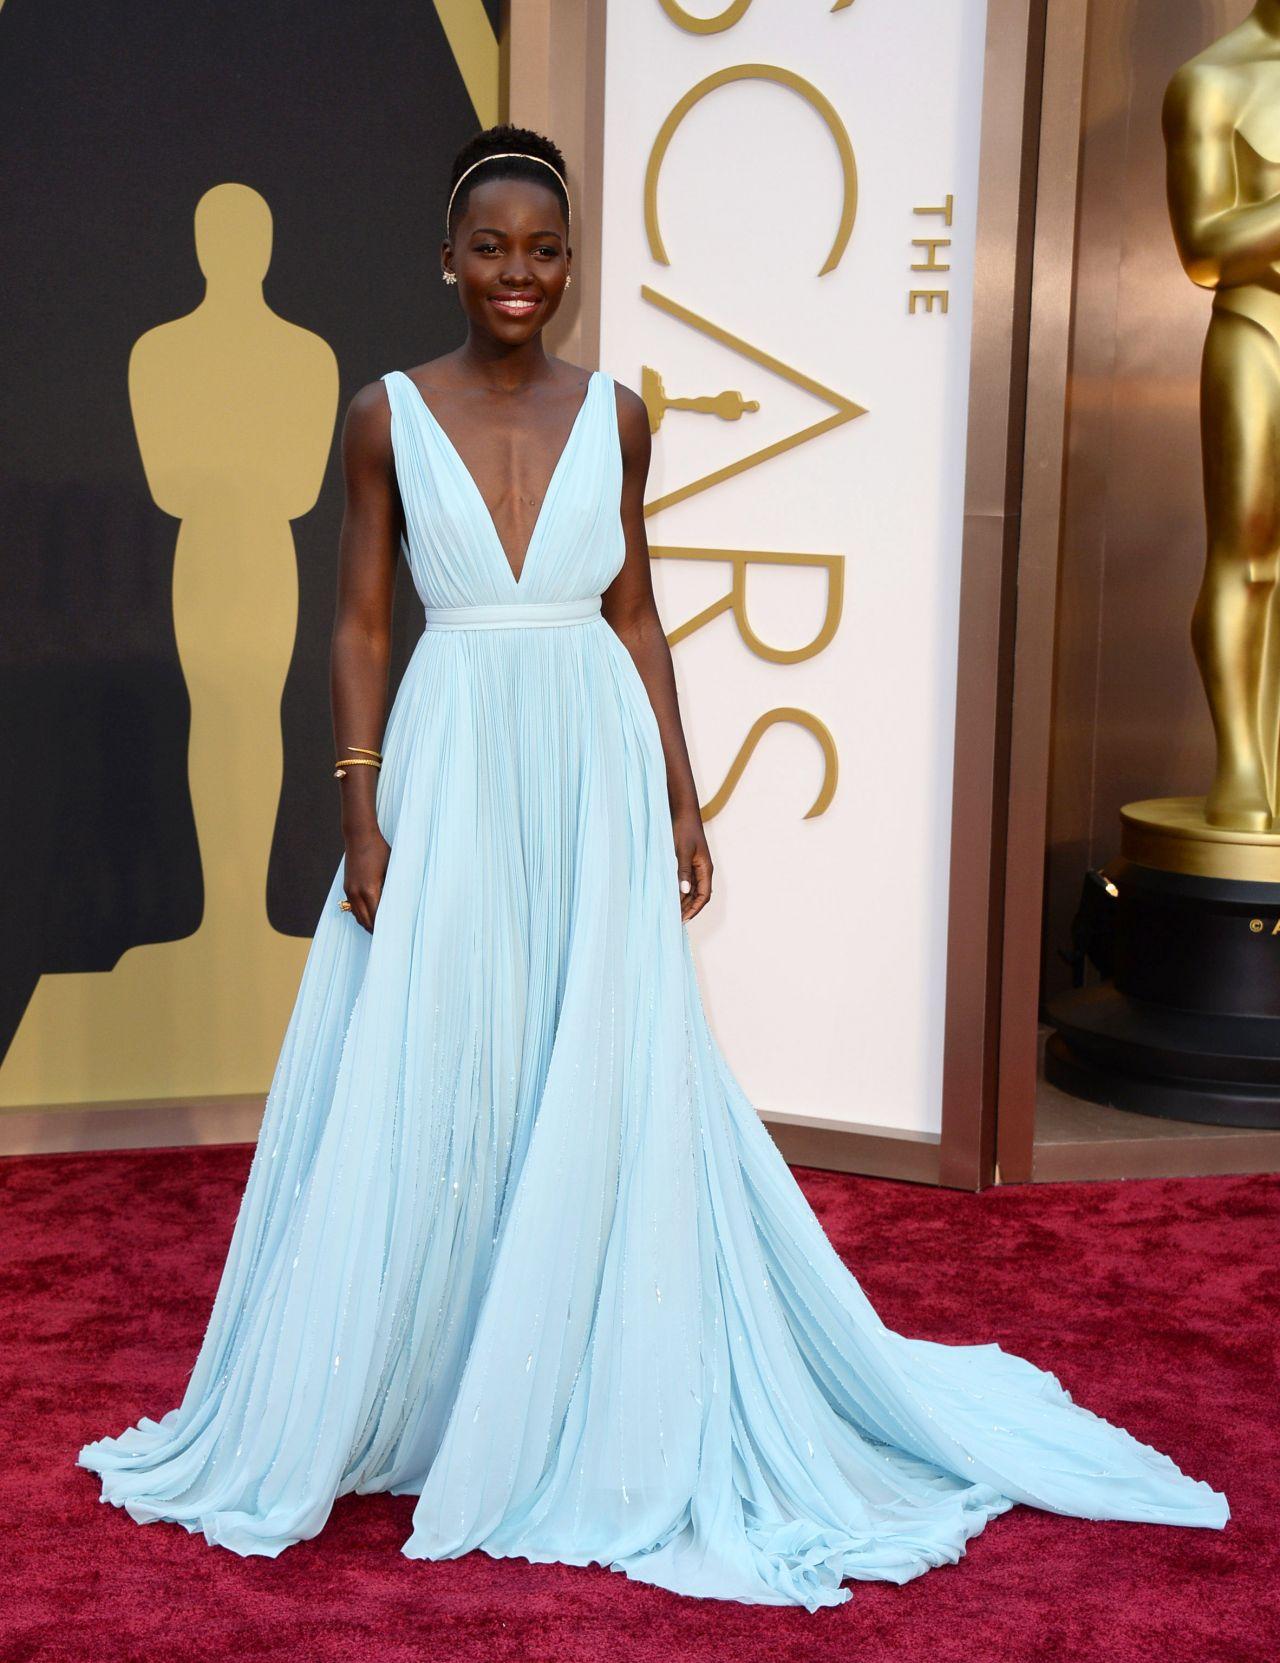 Image Result For Lupita Nyongo Red Carpet